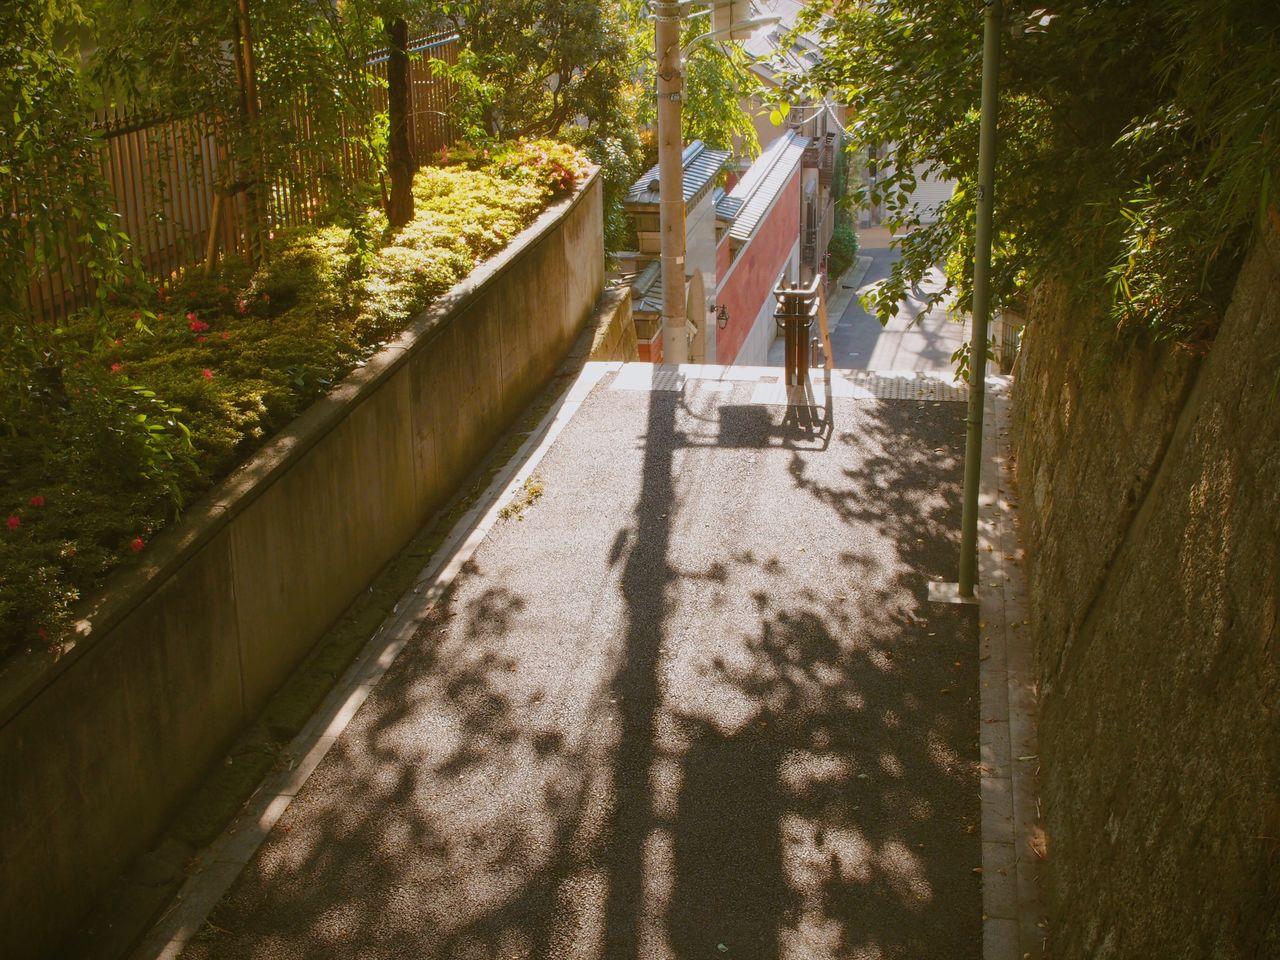 도쿄로 유학을 갔다.<br>다시 그곳에서 여행을 떠난다.<br>너는 떠나 있는데 또 떠나니?<br>그런 질문을 즐겁게 받아들이며.